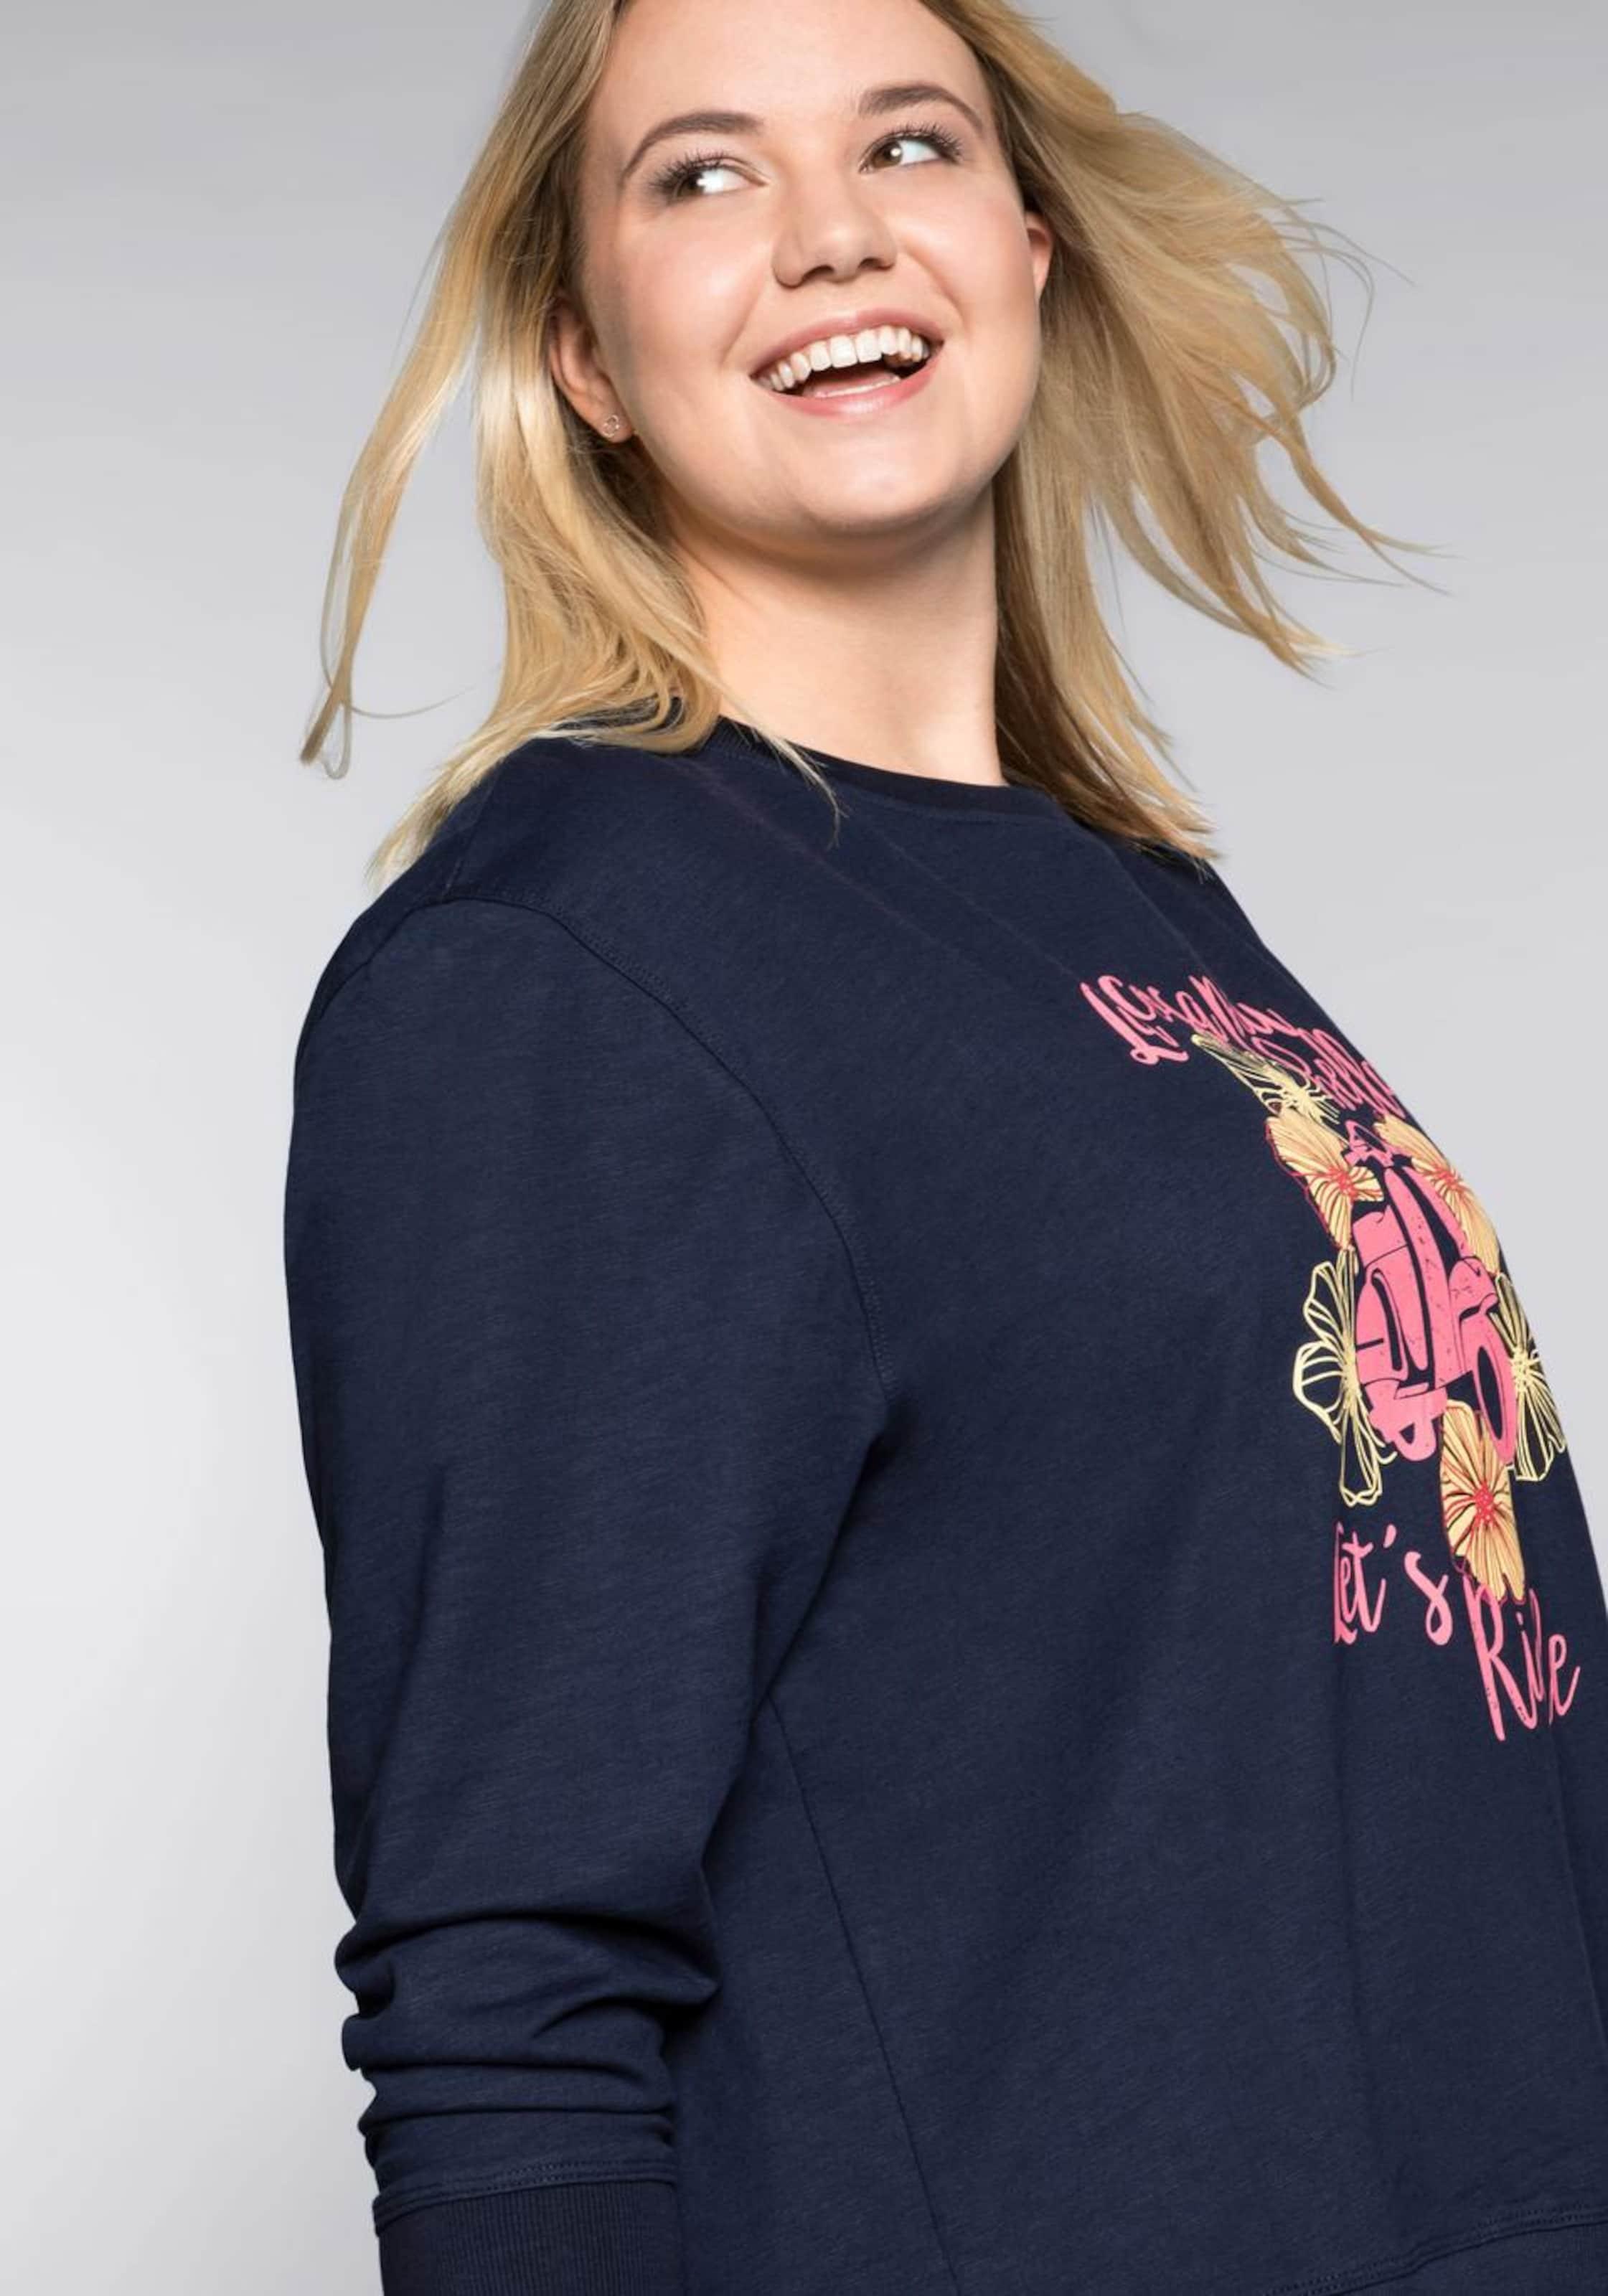 Sweatshirt MarineGold Sheego In Sweatshirt Pink Sheego FKJuTc3l51